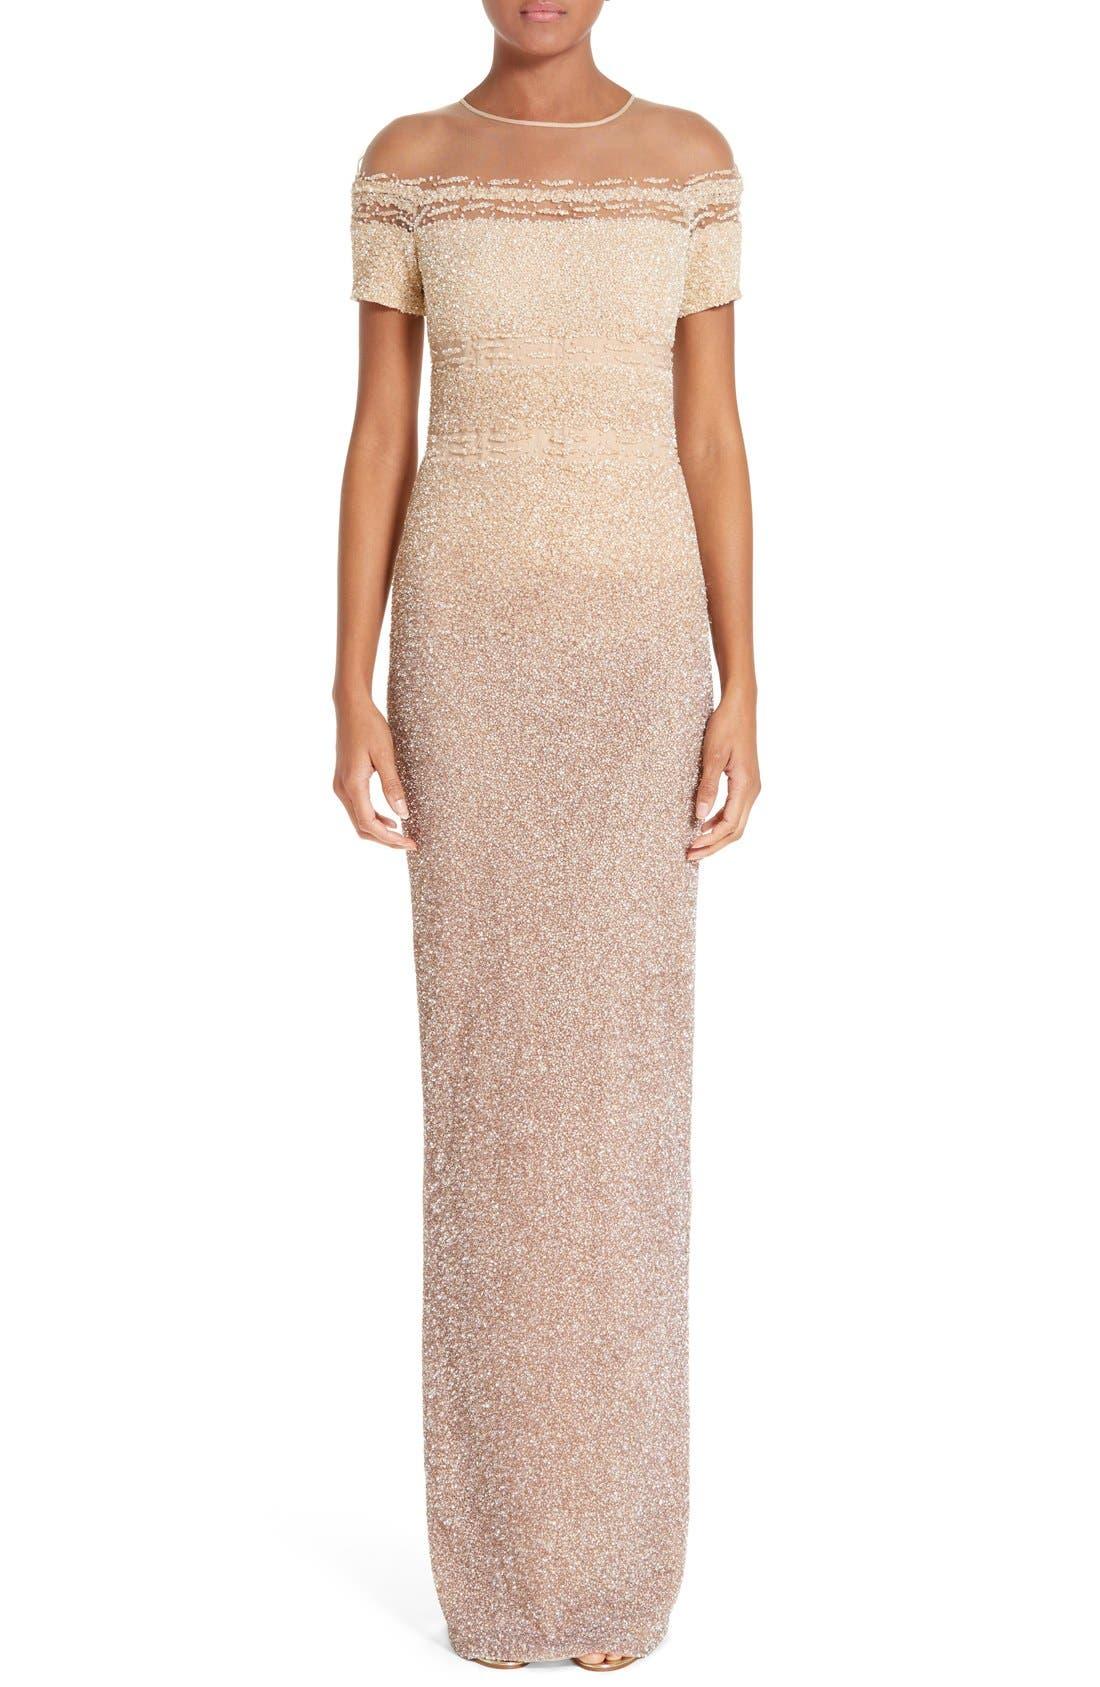 Pamella Roland Signature Sequin Column Gown